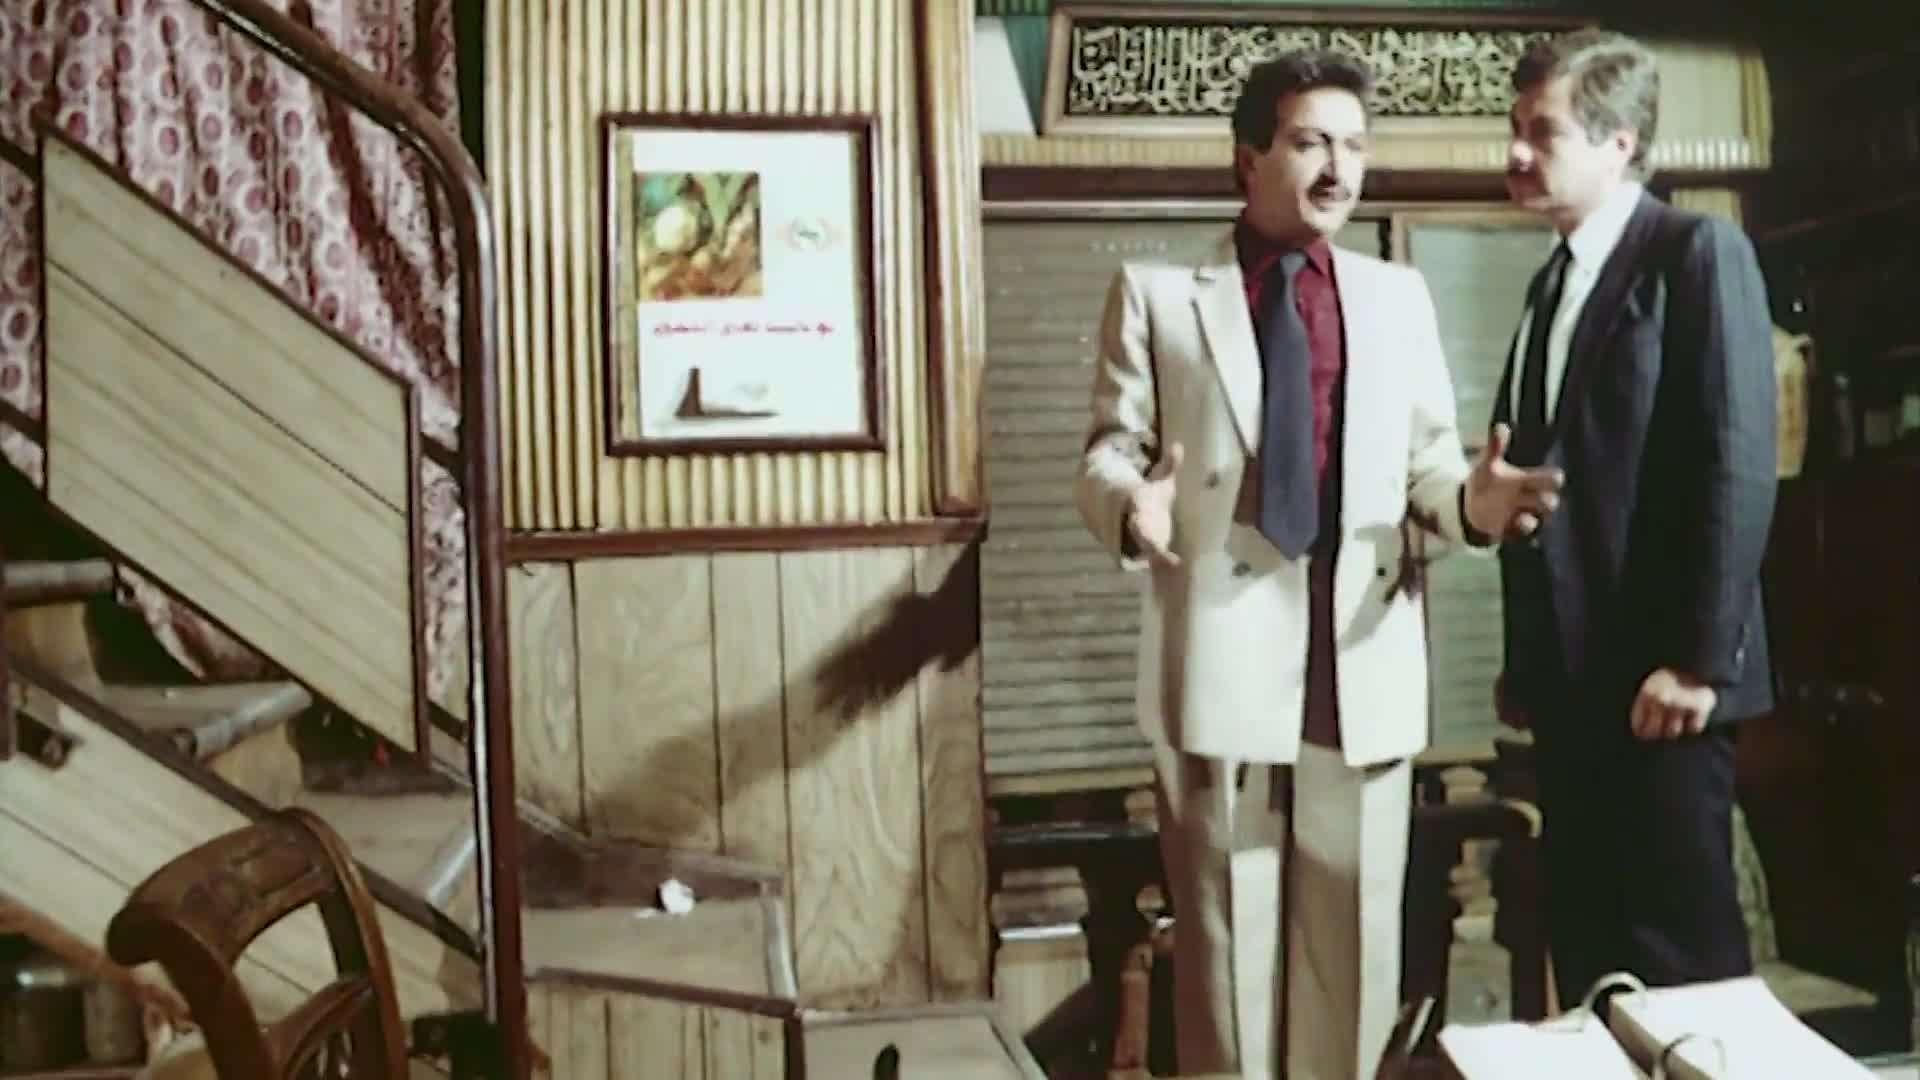 [فيلم][تورنت][تحميل][العار][1982][1080p][Web-DL] 4 arabp2p.com